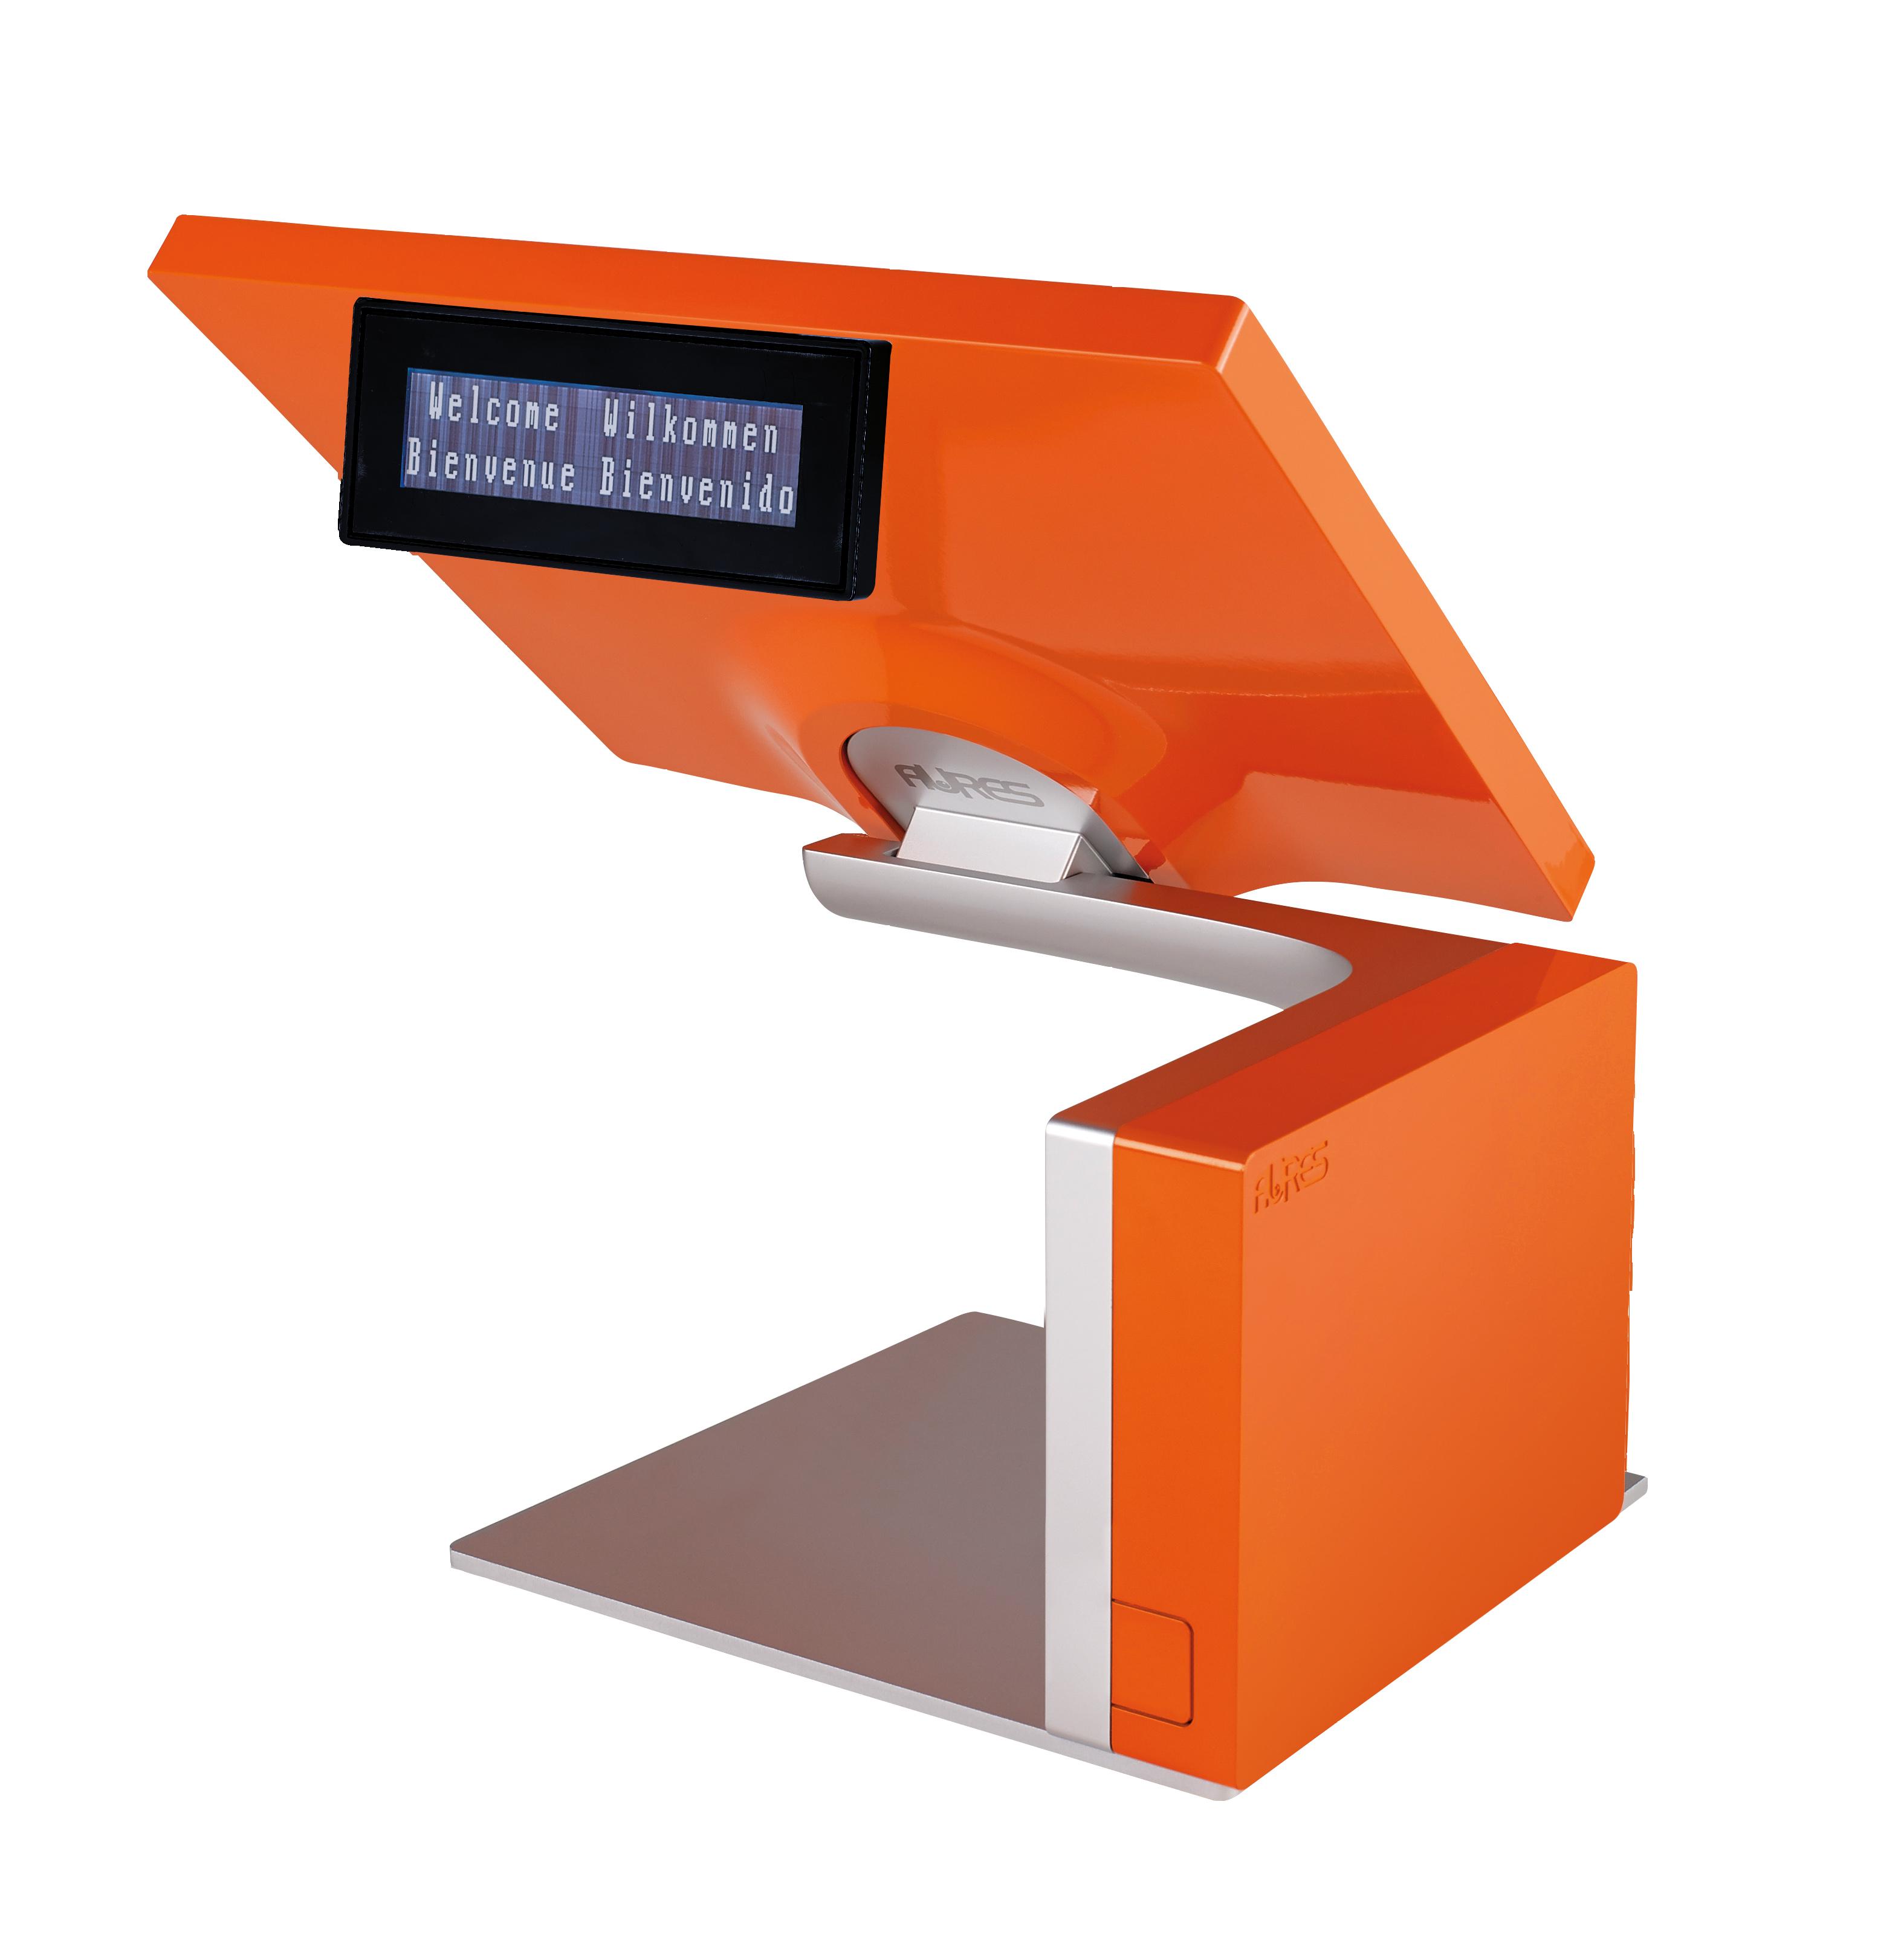 Aures Sango EPOS terminal